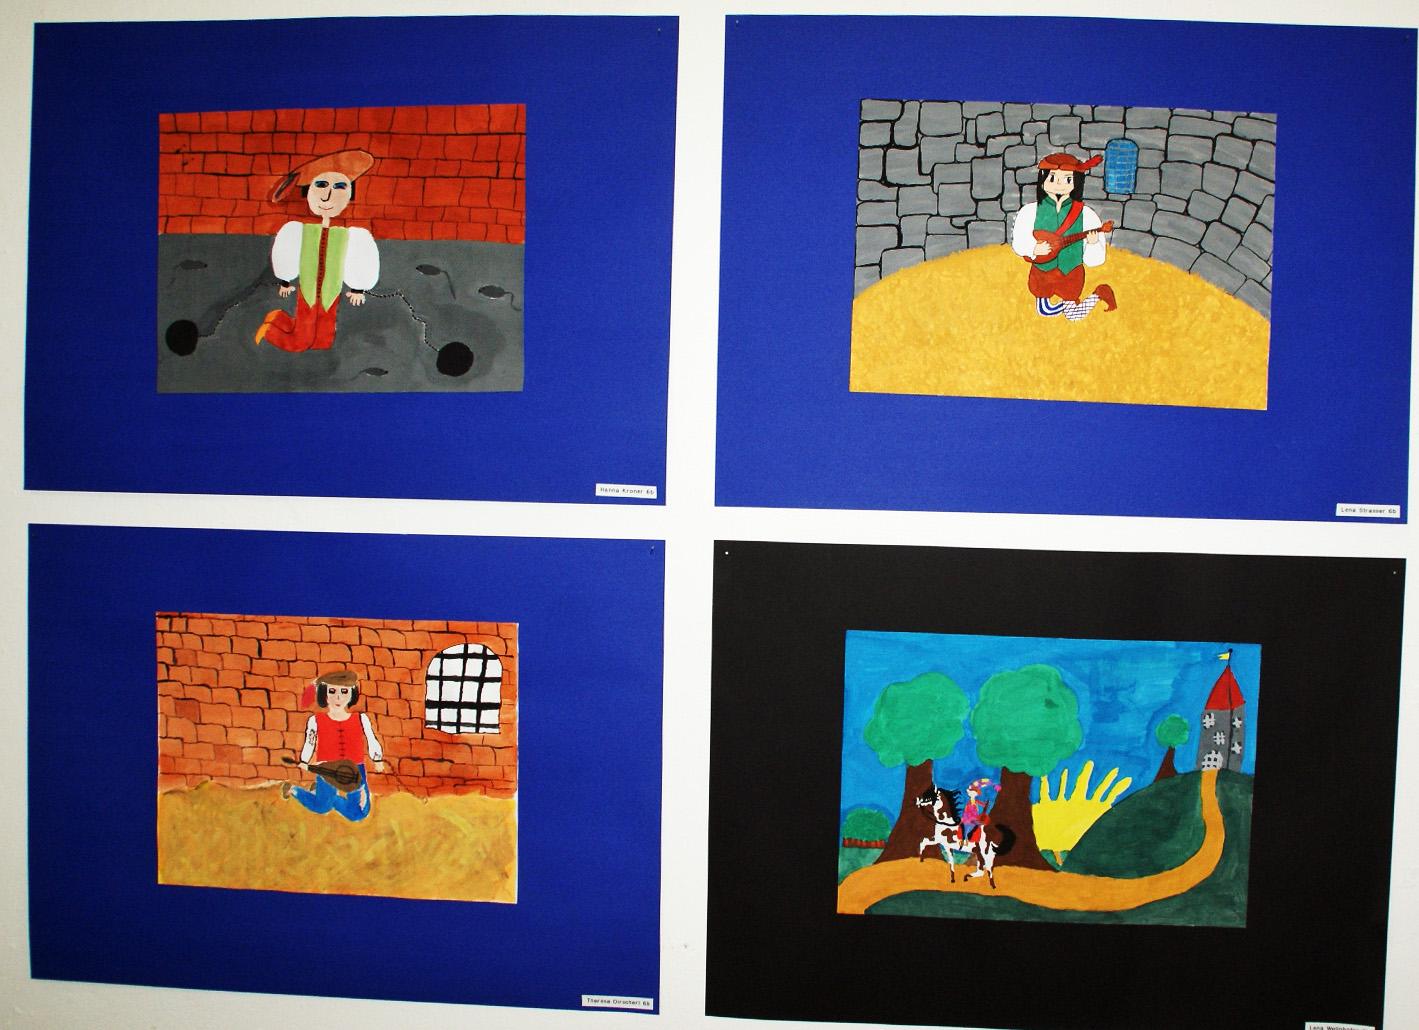 Der spätmittelalterliche Minnesänger Peter Unverdorben in vielen Farben, Formen und Facetten, dargestellt in Schülerarbeiten im Rahmen der Kreativ-Aktion 2015.